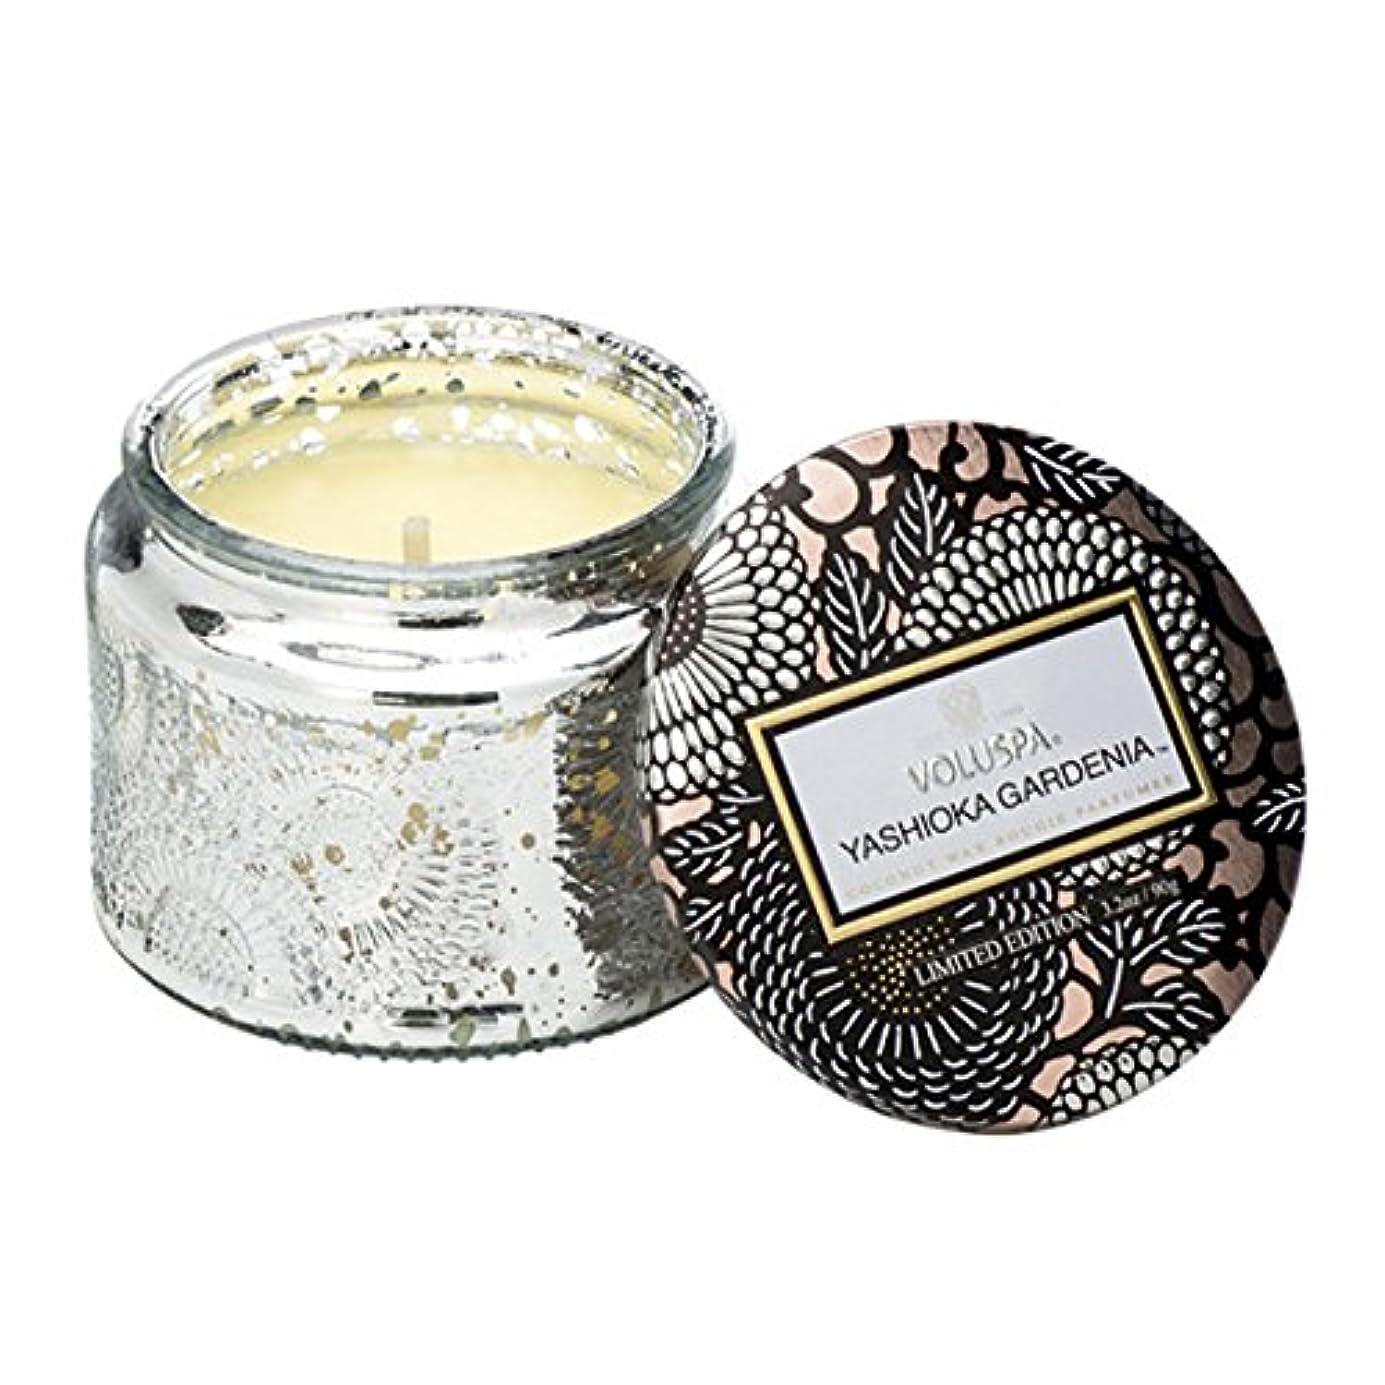 私の染料ピカリングVoluspa ボルスパ ジャポニカ リミテッド グラスジャーキャンドル  S ヤシオカガーデニア YASHIOKA GARDENIA JAPONICA Limited PETITE EMBOSSED Glass jar candle